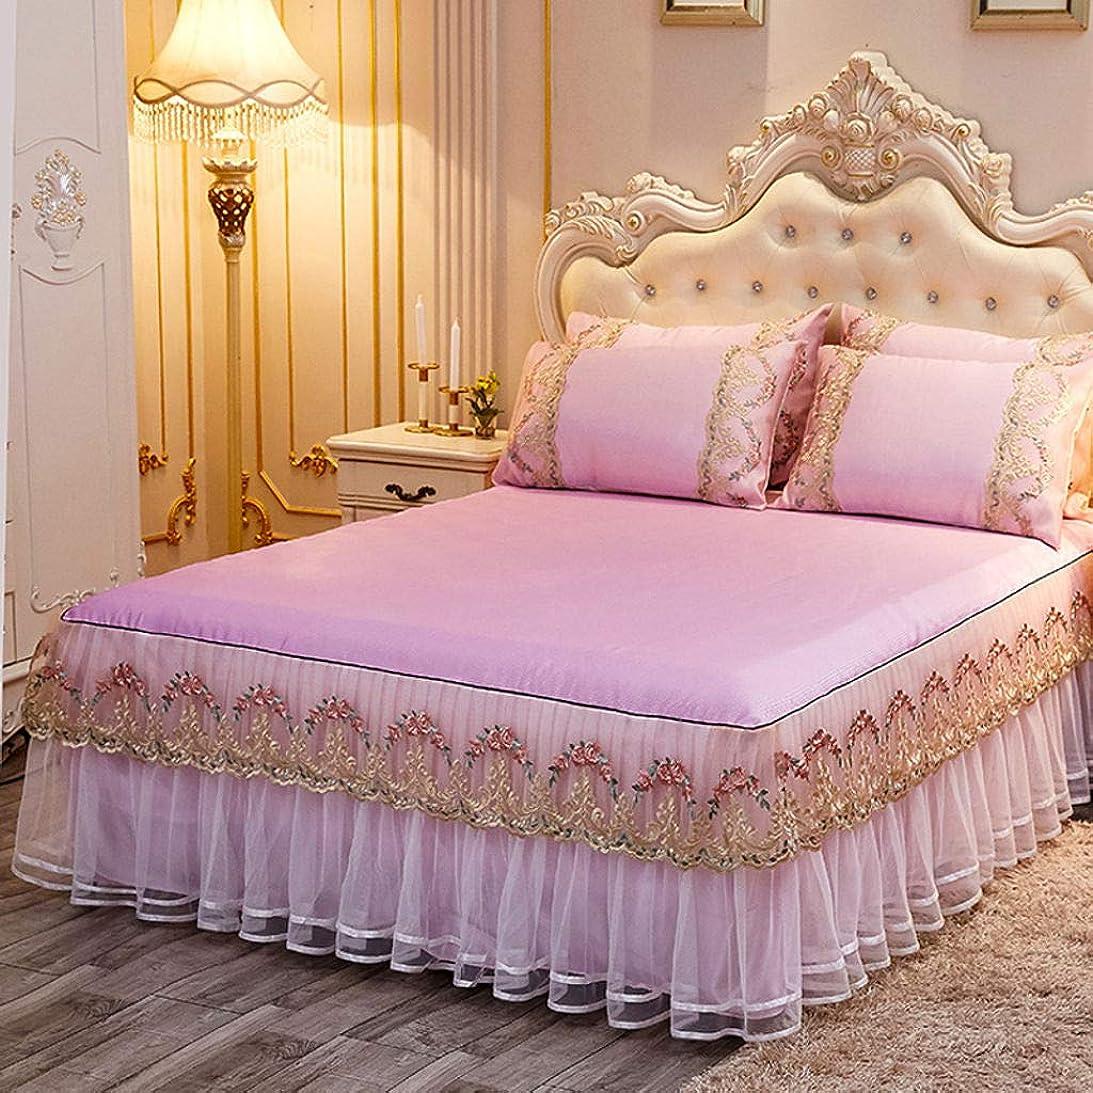 レバーカリングうめきほこり フリル ベッド スカート, ドロップ ウルトラ-柔らかい ヨーロッパ人 スタイル ベッドスプレッド カバーレット プリーツ ほこり フリル ベッド スカート-ピンク-180×220センチメートル(71×86で)